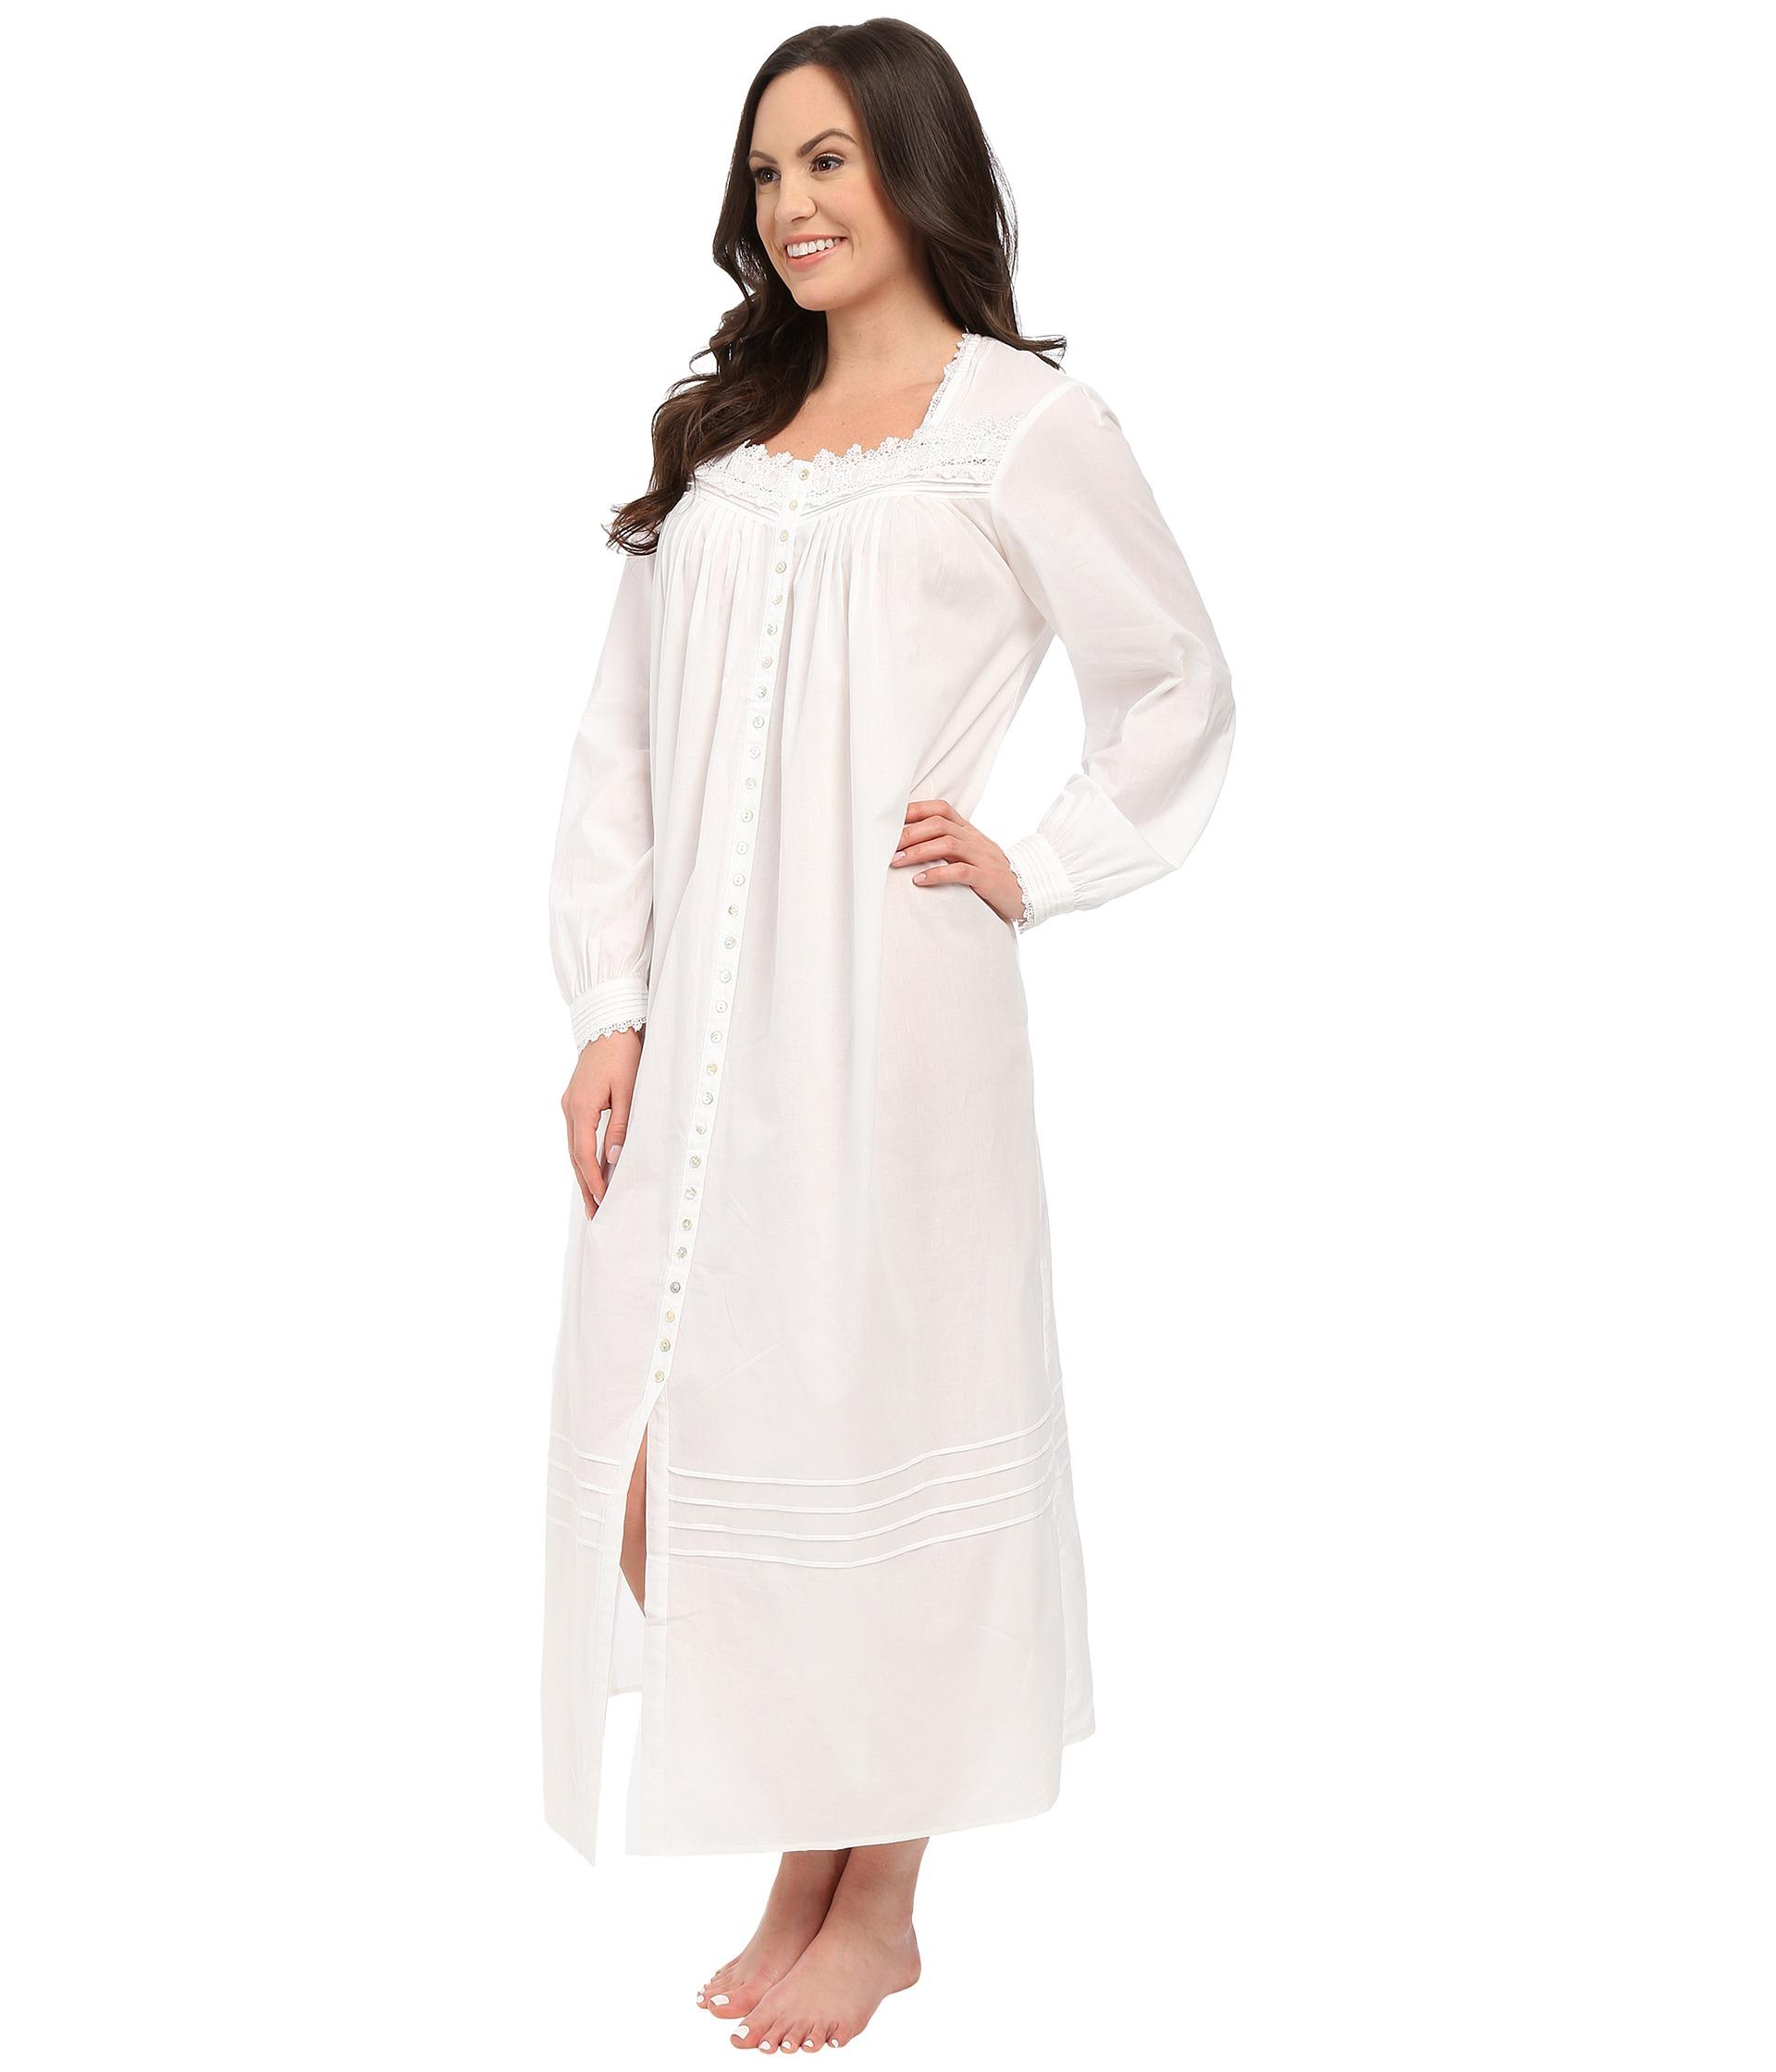 Lyst - Eileen West Ballet Button Front Coat in White 88ffe1c82